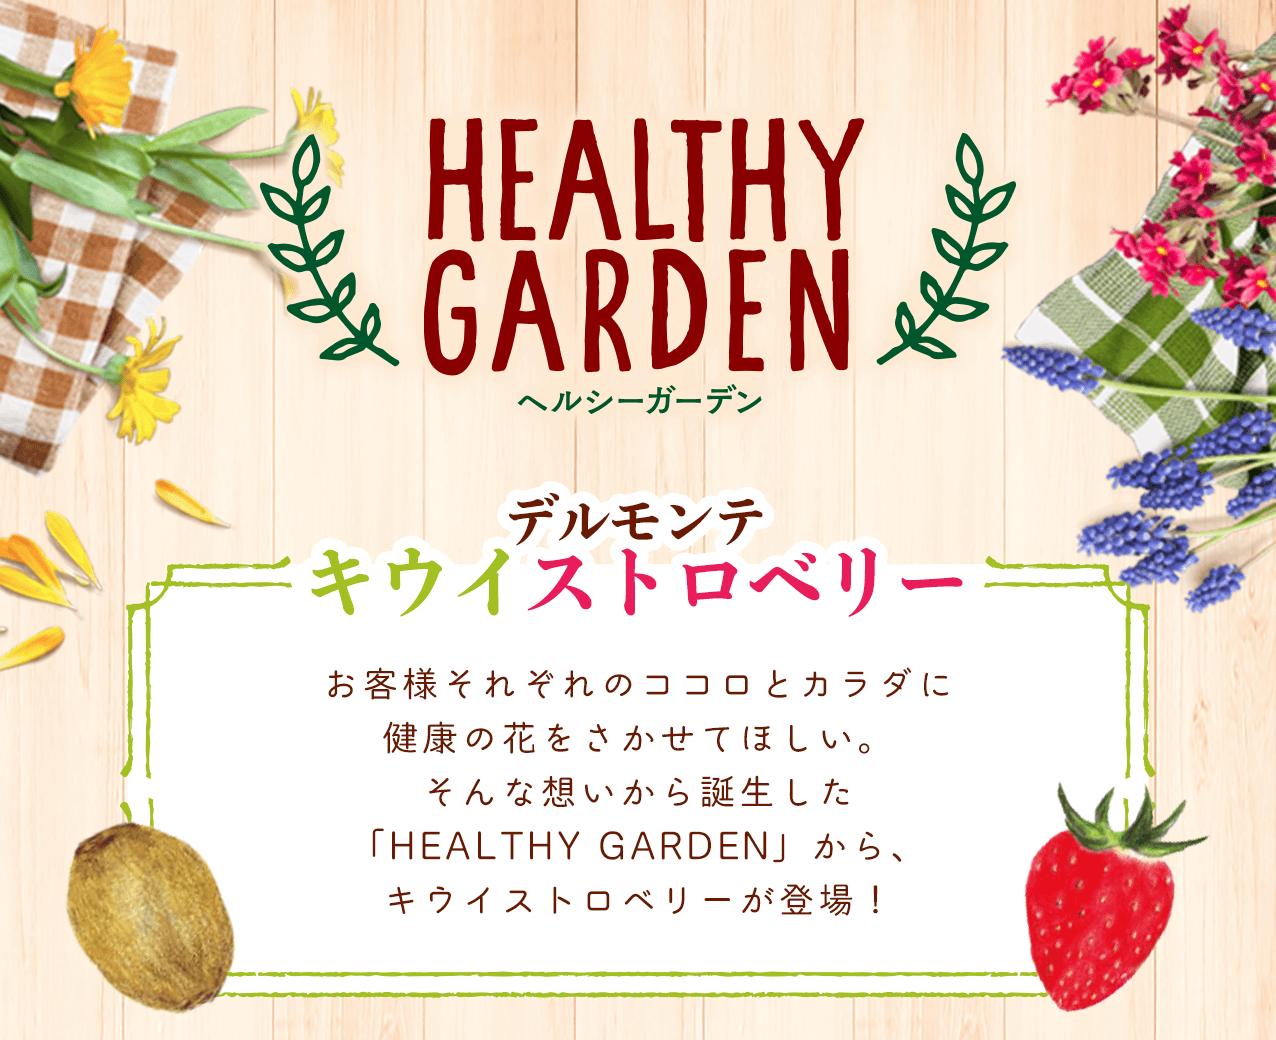 HEALTHY GARDEN ヘルシーガーデン デルモンテ キウイストロベリー お客様それぞれのココロとカラダに健康の花をさかせてほしい。そんな想いから誕生した「HEALTHY GARDEN」から、キウイストロベリーが登場!